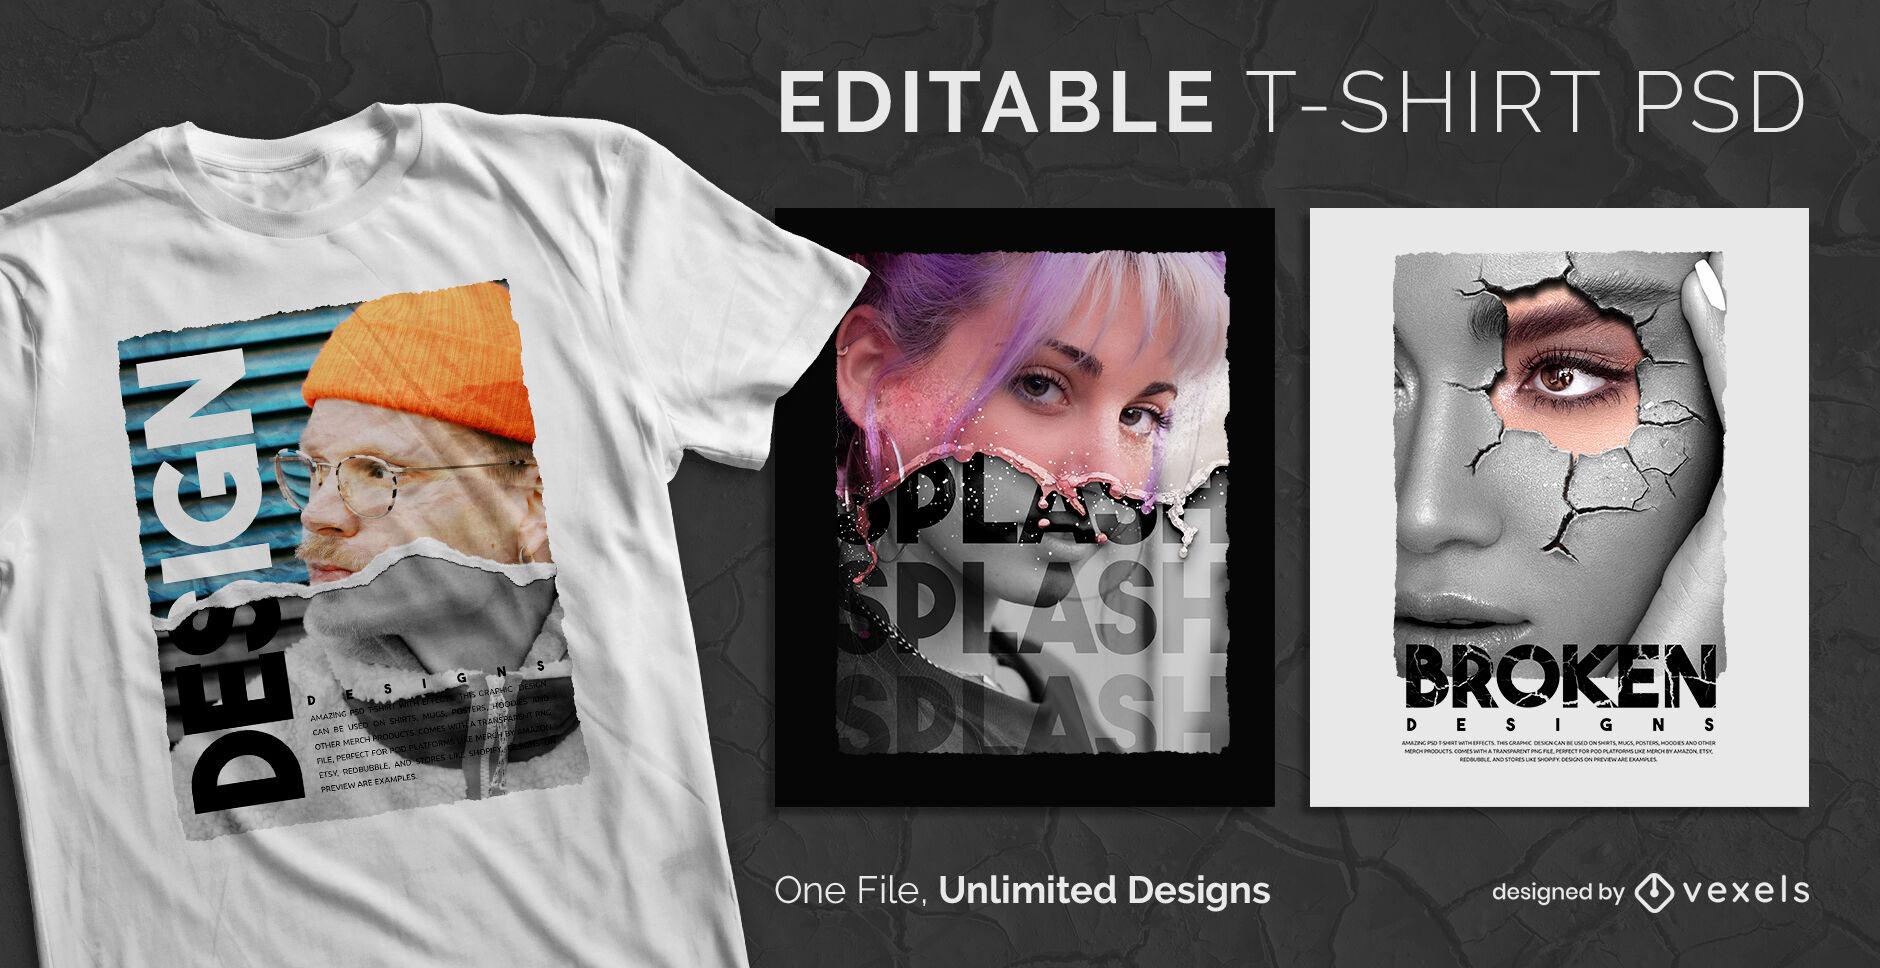 Camiseta psd editable de papel rasgado